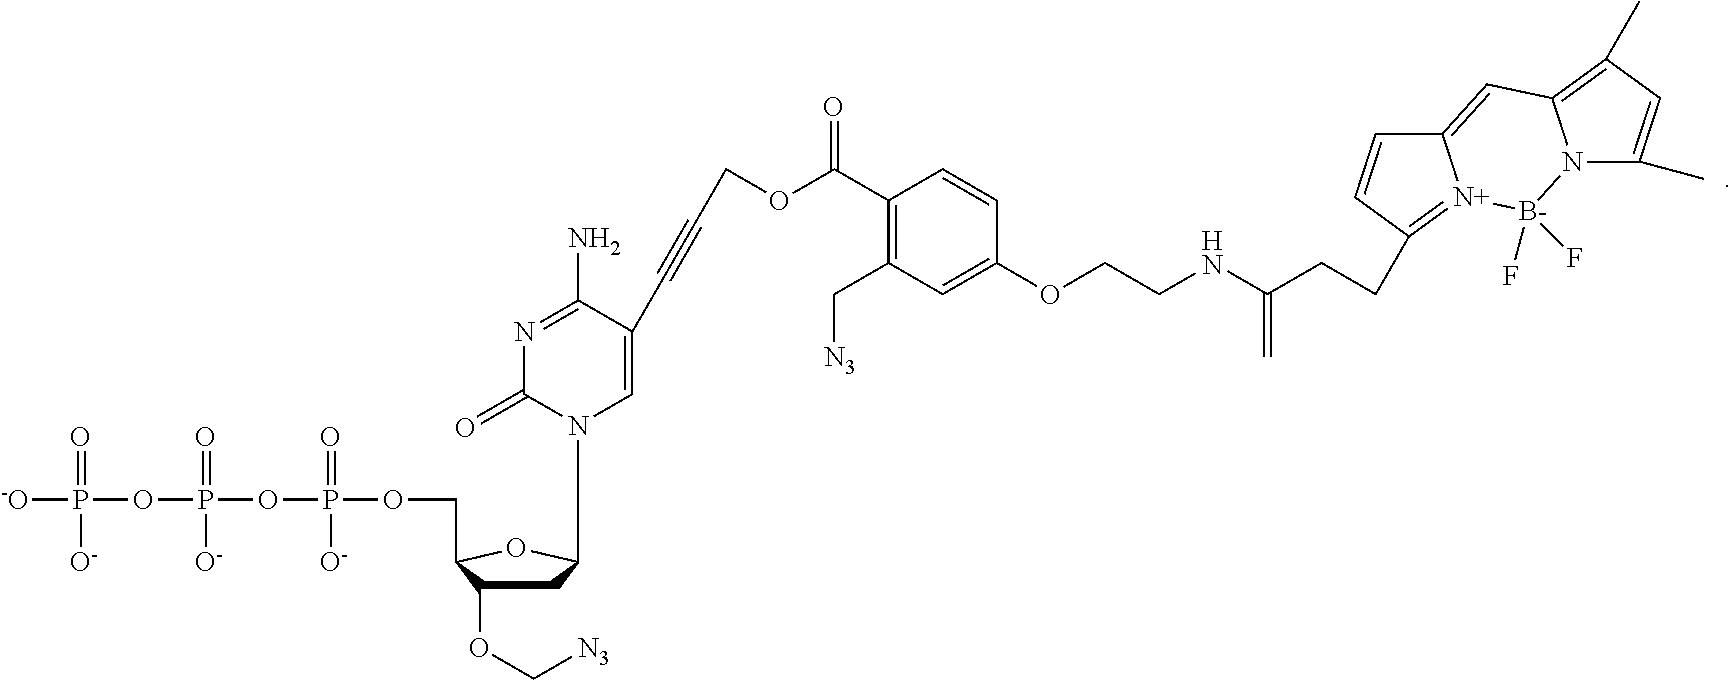 Figure US10144961-20181204-C00038